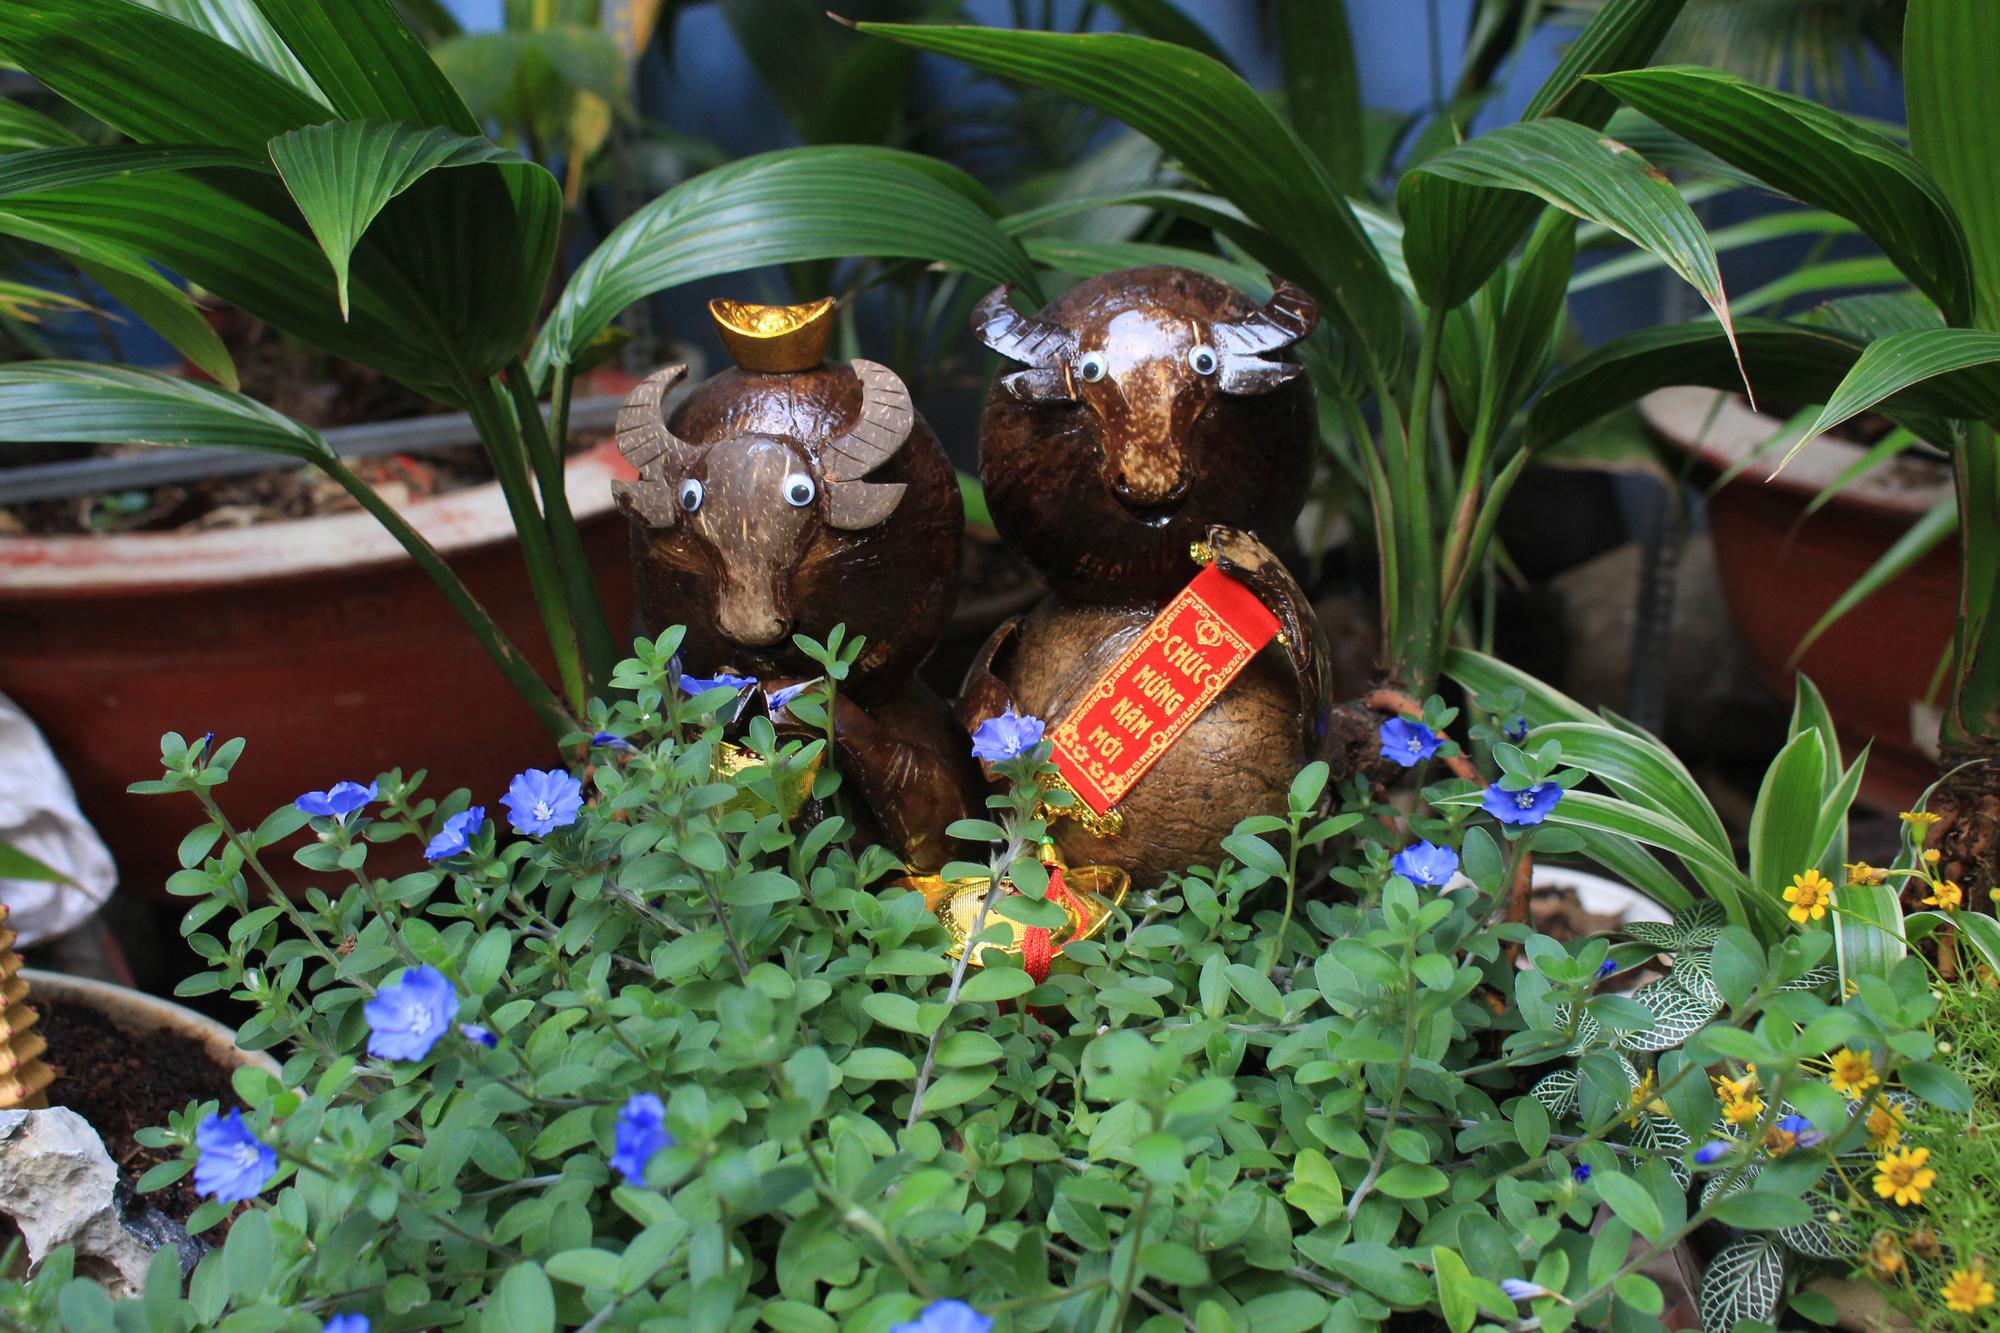 Độc đáo dừa khô bonsai hình trâu chơi Tết tiền triệu ở Sài Gòn - Ảnh 4.